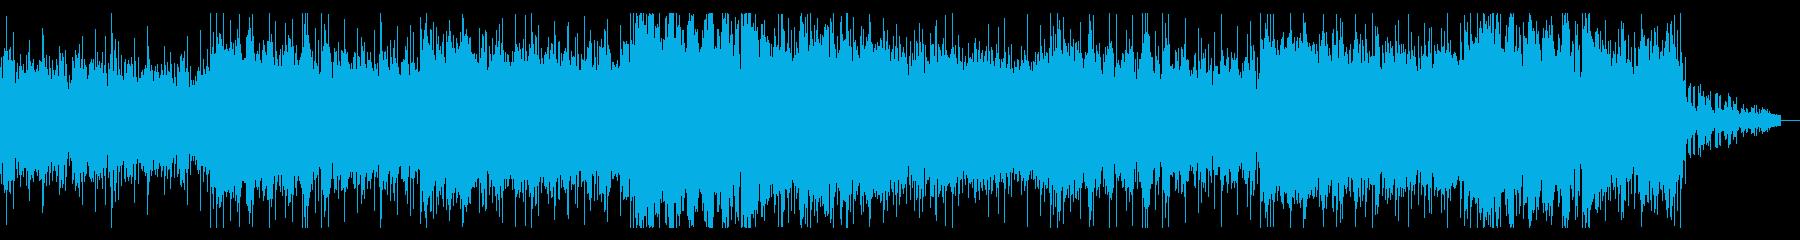 不気味にねじれたホラーテクスチャーの再生済みの波形